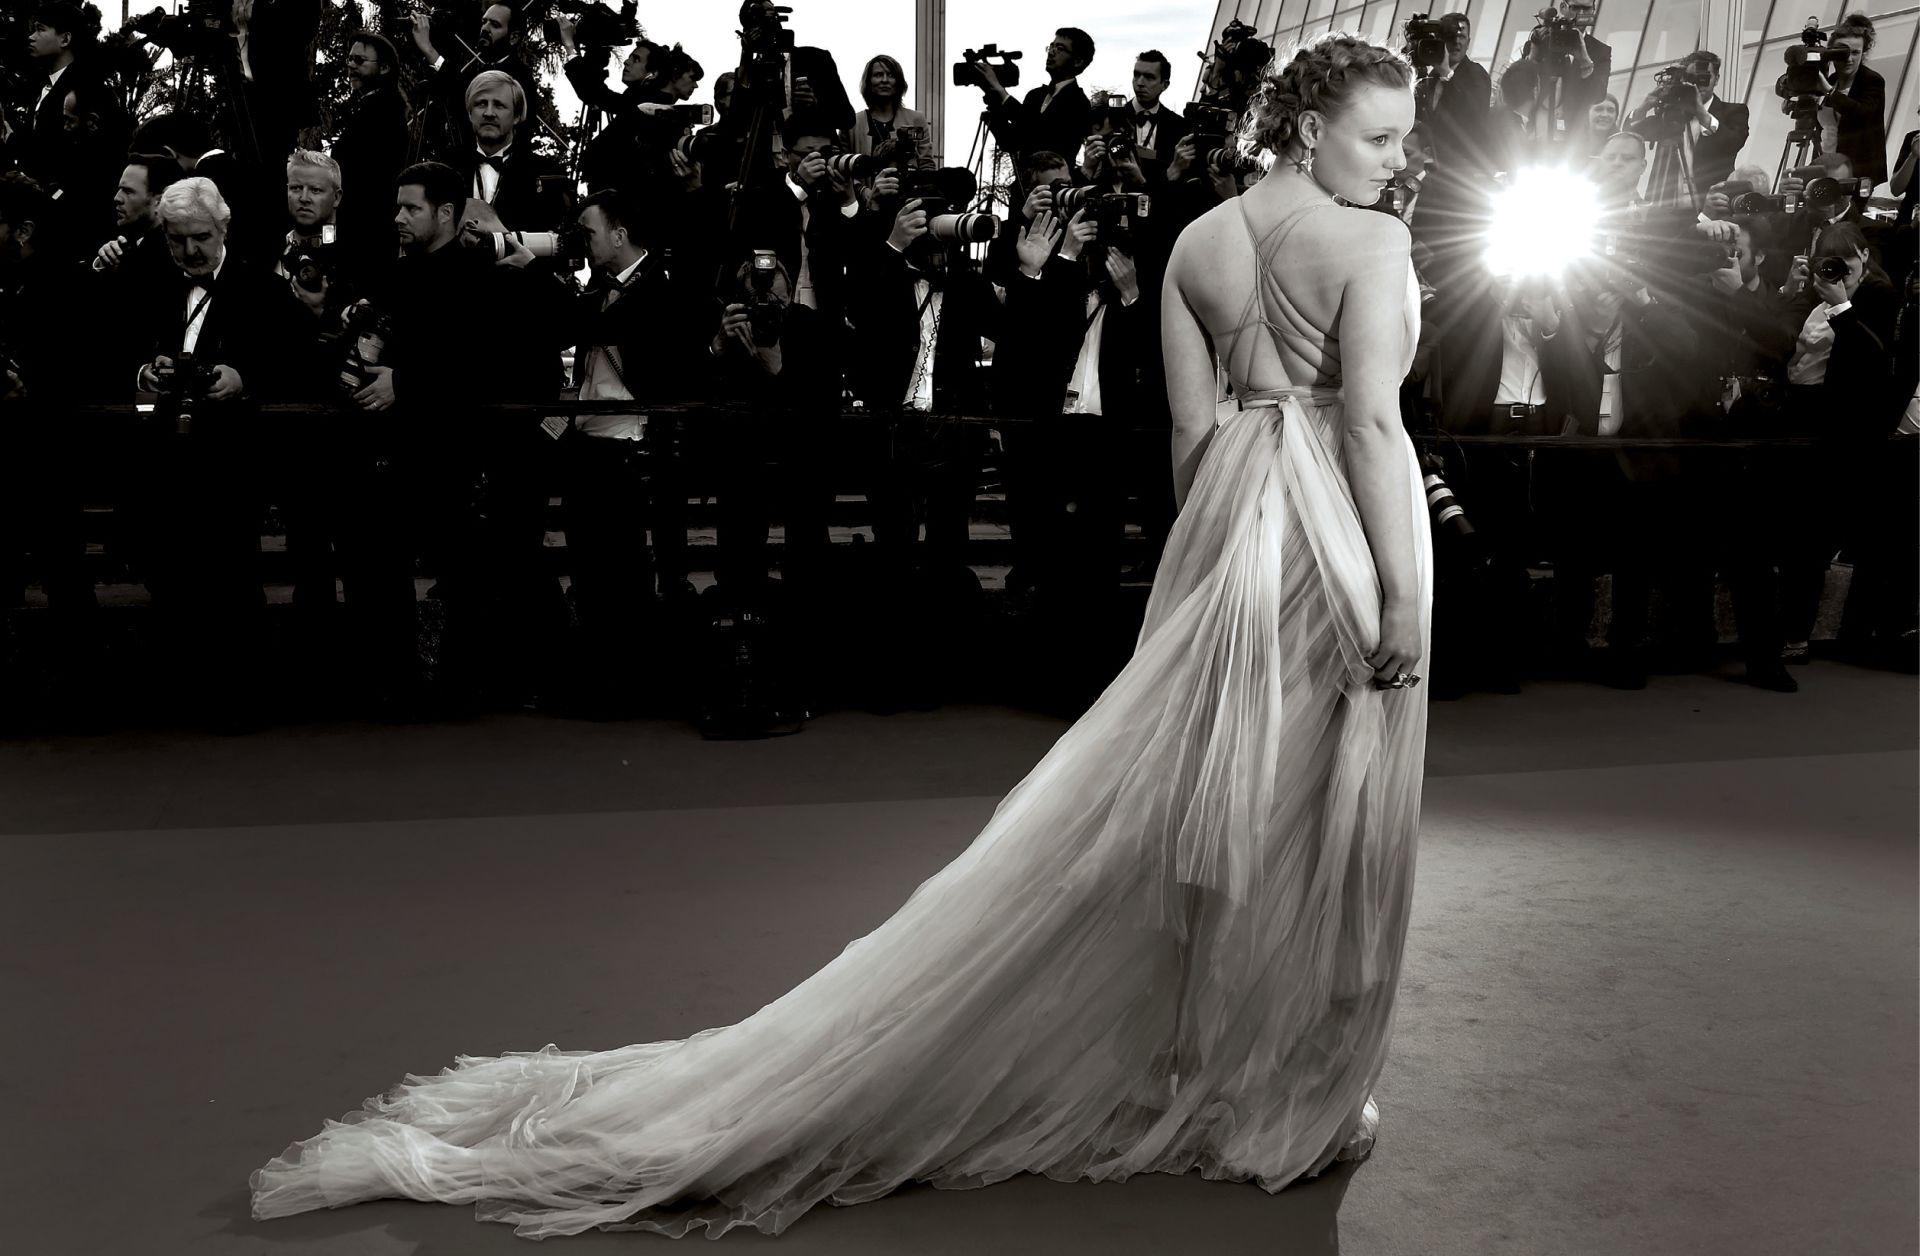 INTERVIEW: MARIA-VICTORIA DRAGUS 'Ne želim biti jedna od milijun glumica koje će patiti u Hollywoodu'